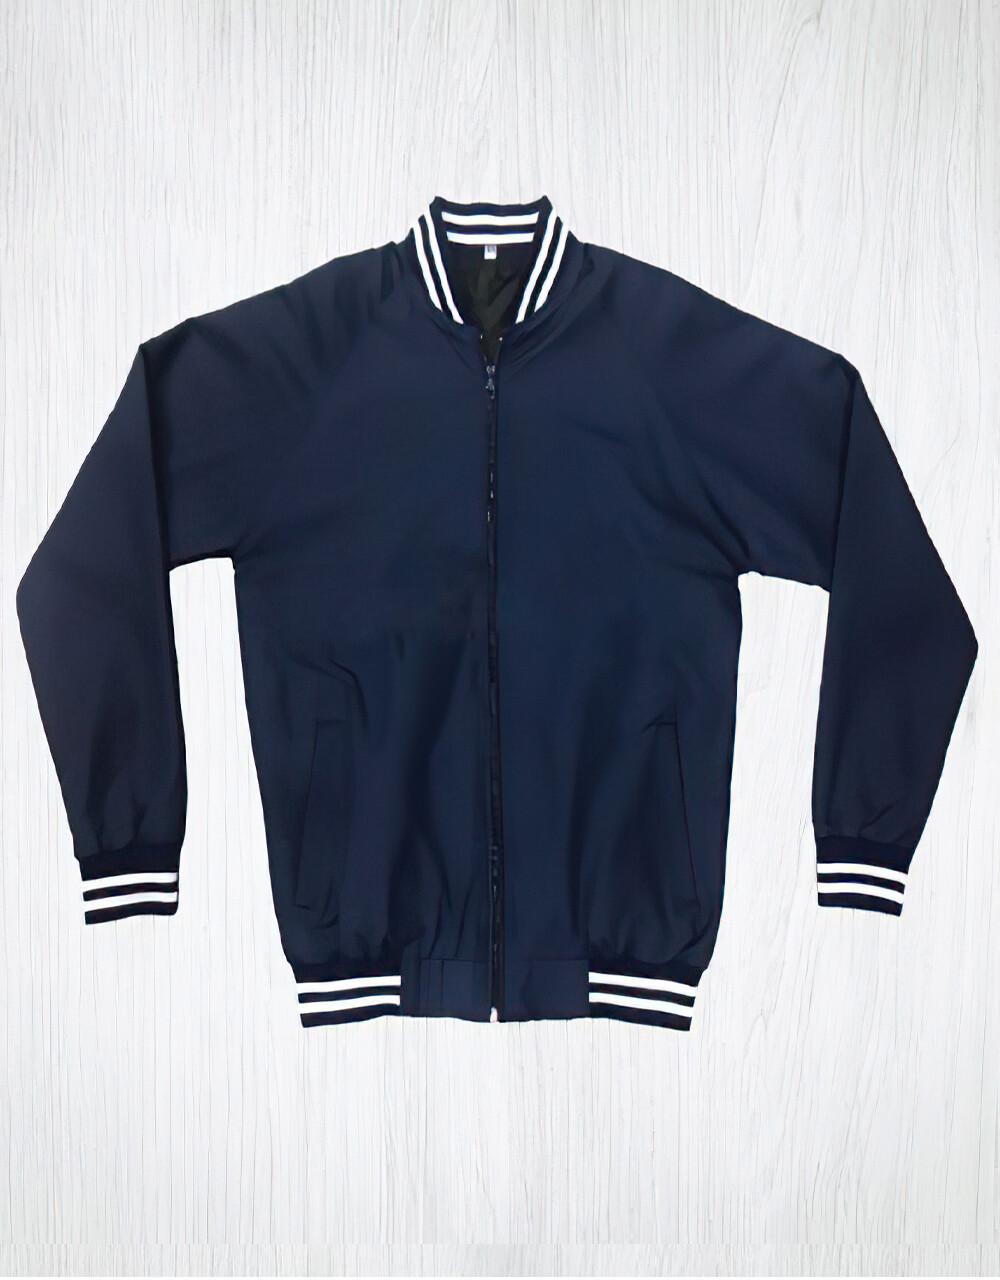 Navy Blue Monkey Jacket